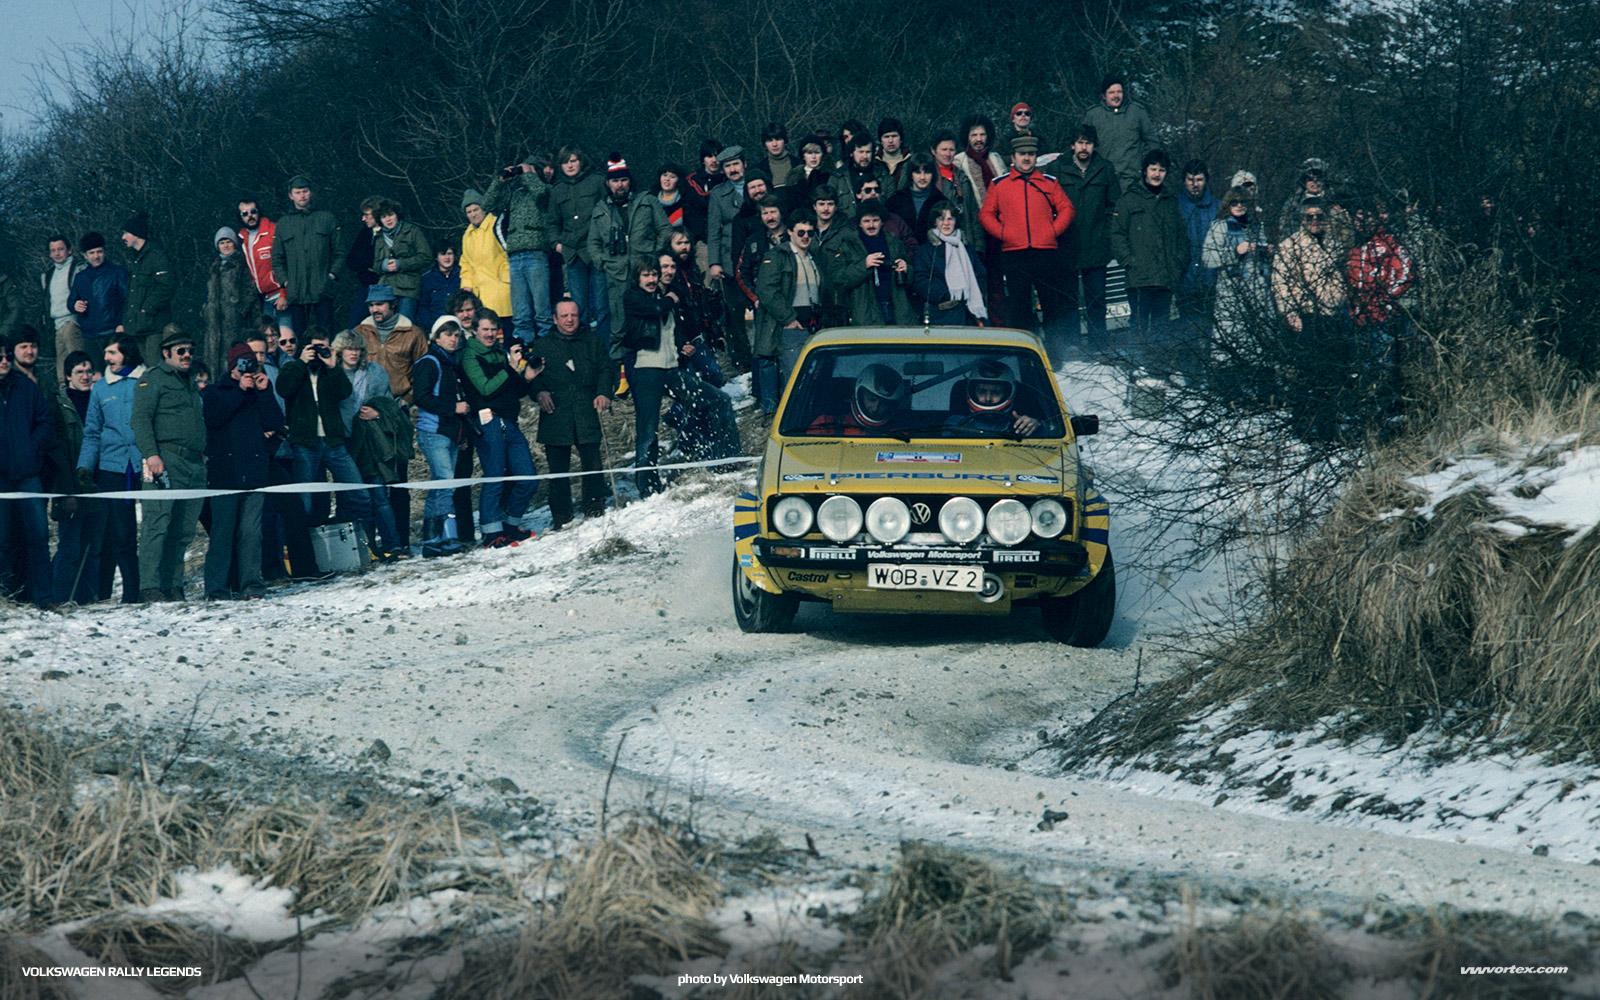 volkswagen-rally-legends-390